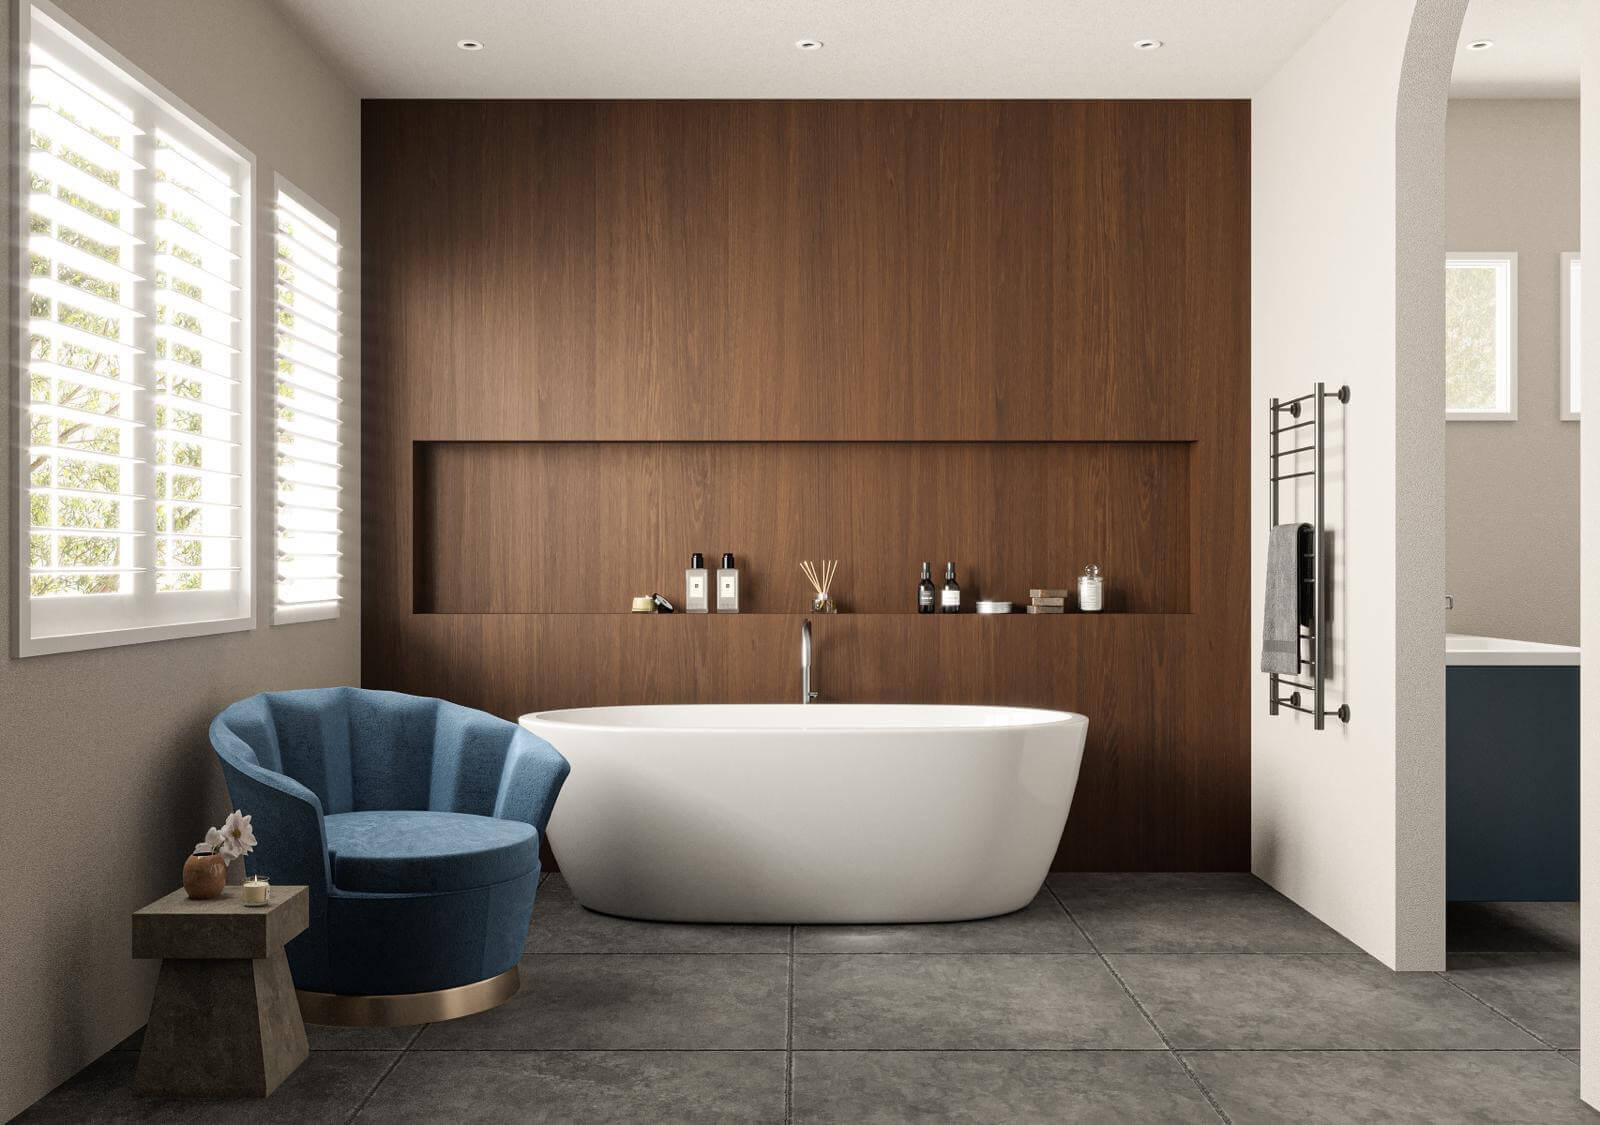 Dobd fel a fürdőszobád: mutatjuk a legfrissebb dizájn trendeket